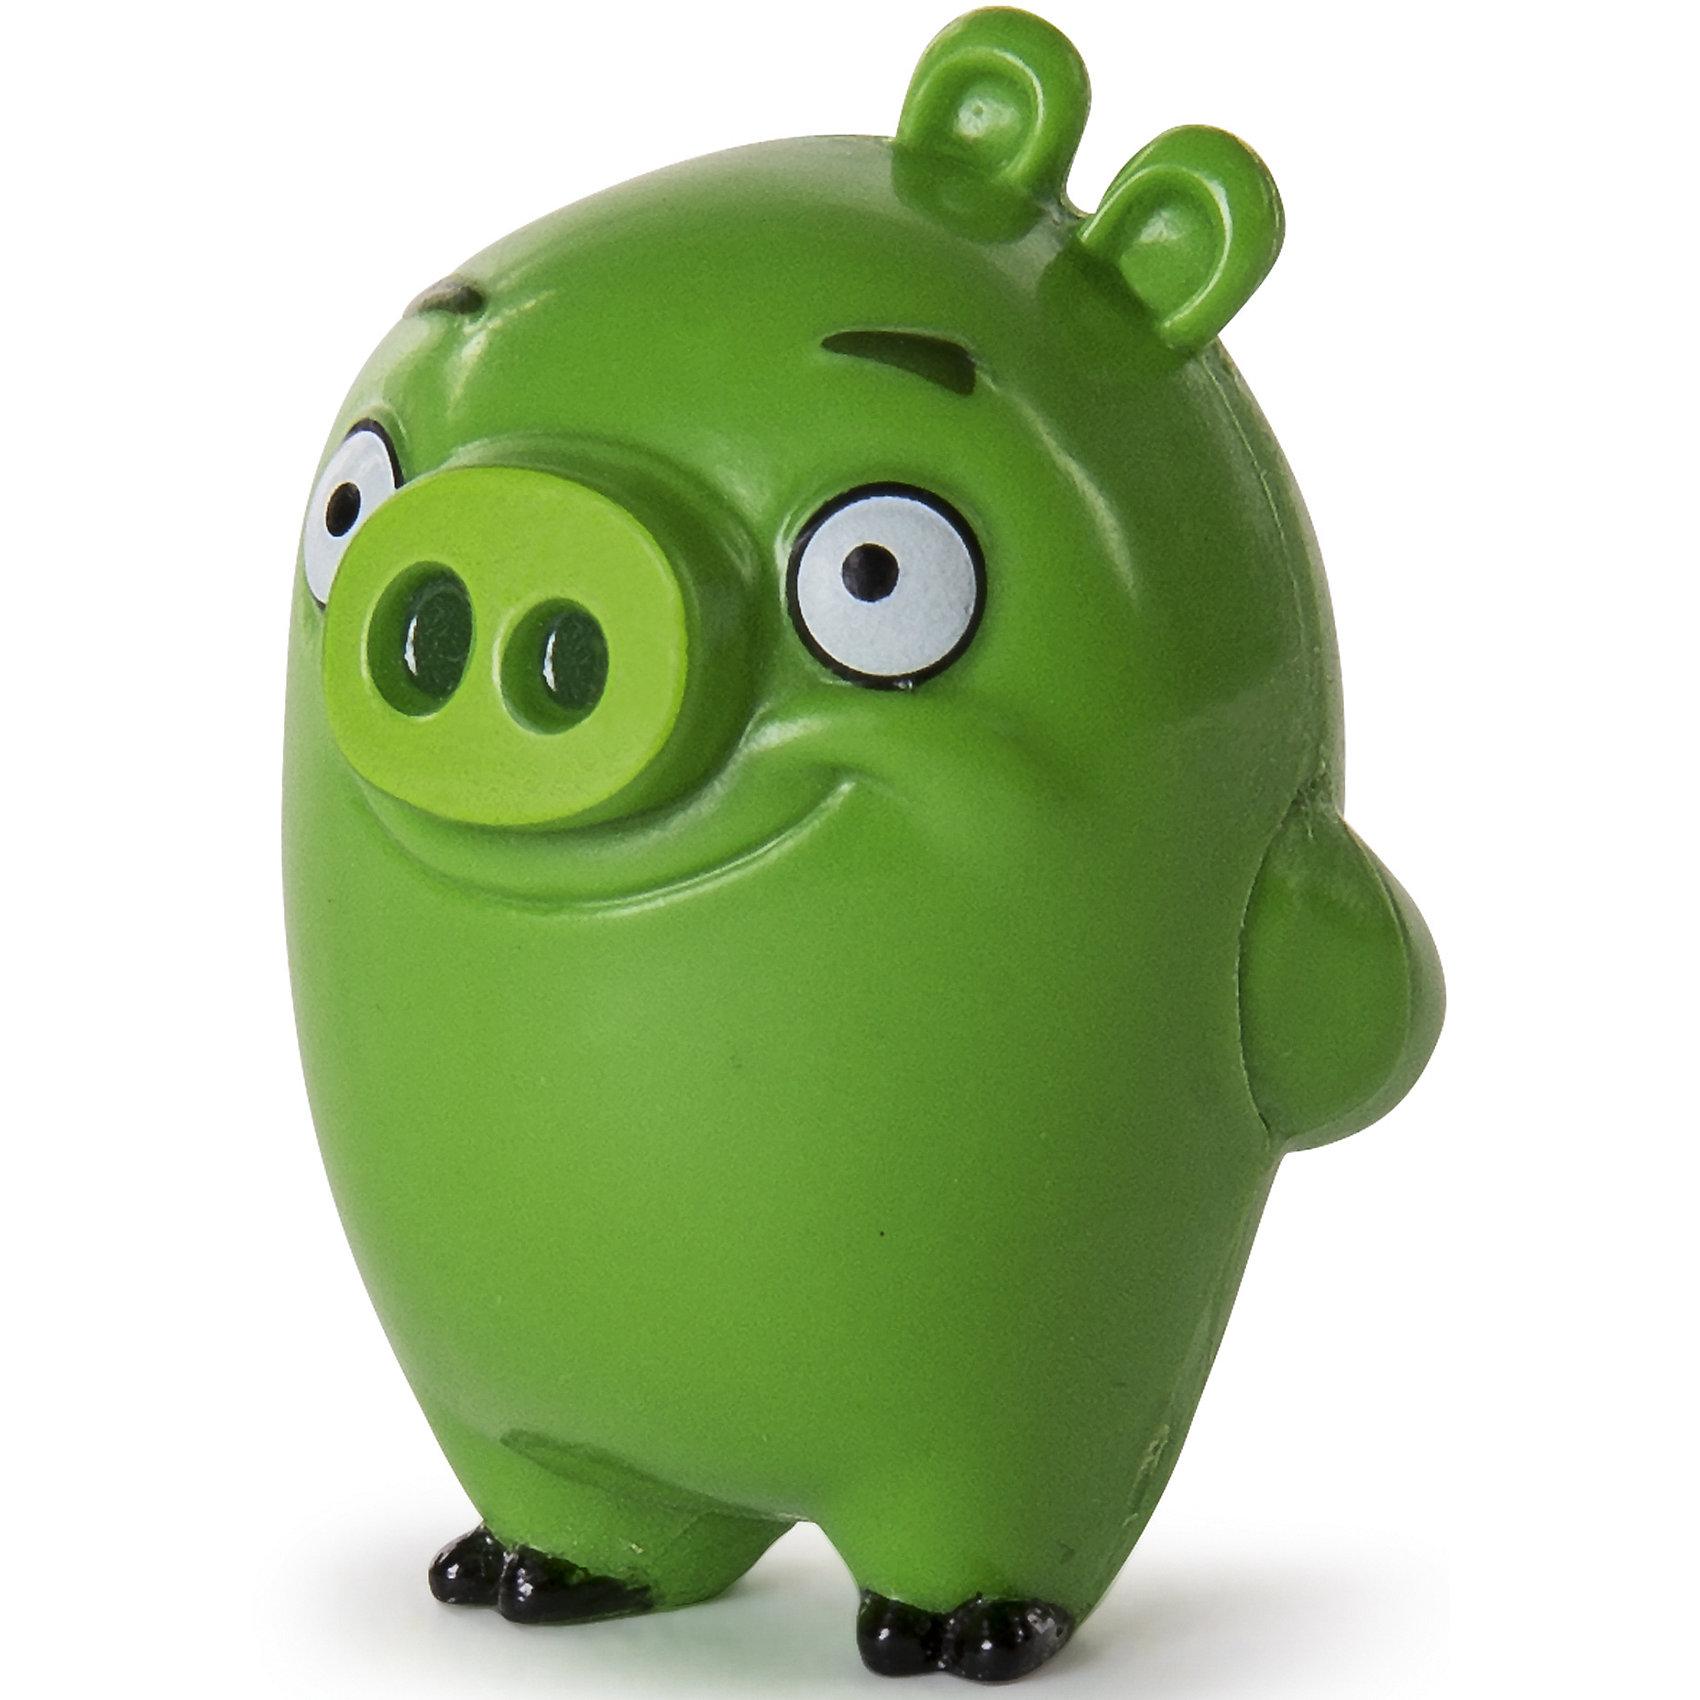 Коллекционная фигурка Свинья, Angry BirdsЛюбимые герои<br>Характеристики товара:<br><br>• возраст от 3 лет;<br>• материал: пластик;<br>• высота фигурки 5 см;<br>• размер упаковки 15х16х4 см;<br>• вес упаковки 320 гр.;<br>• страна производитель: Китай.<br><br>Коллекционная фигурка «Свинья» Angry Birds — персонаж известной компьютерной игры Angry Birds, в которой злые птички сражаются со смешными зелеными поросятами. Дети могут собрать целую коллекцию популярных персонажей, а также придумать с ними сюжеты для игры. Игрушка изготовлена из качественного пластика.<br><br>Коллекционную фигурку «Свинья» Angry Birds можно приобрести в нашем интернет-магазине.<br><br>Ширина мм: 131<br>Глубина мм: 123<br>Высота мм: 45<br>Вес г: 23<br>Возраст от месяцев: 48<br>Возраст до месяцев: 96<br>Пол: Мужской<br>Возраст: Детский<br>SKU: 6741915